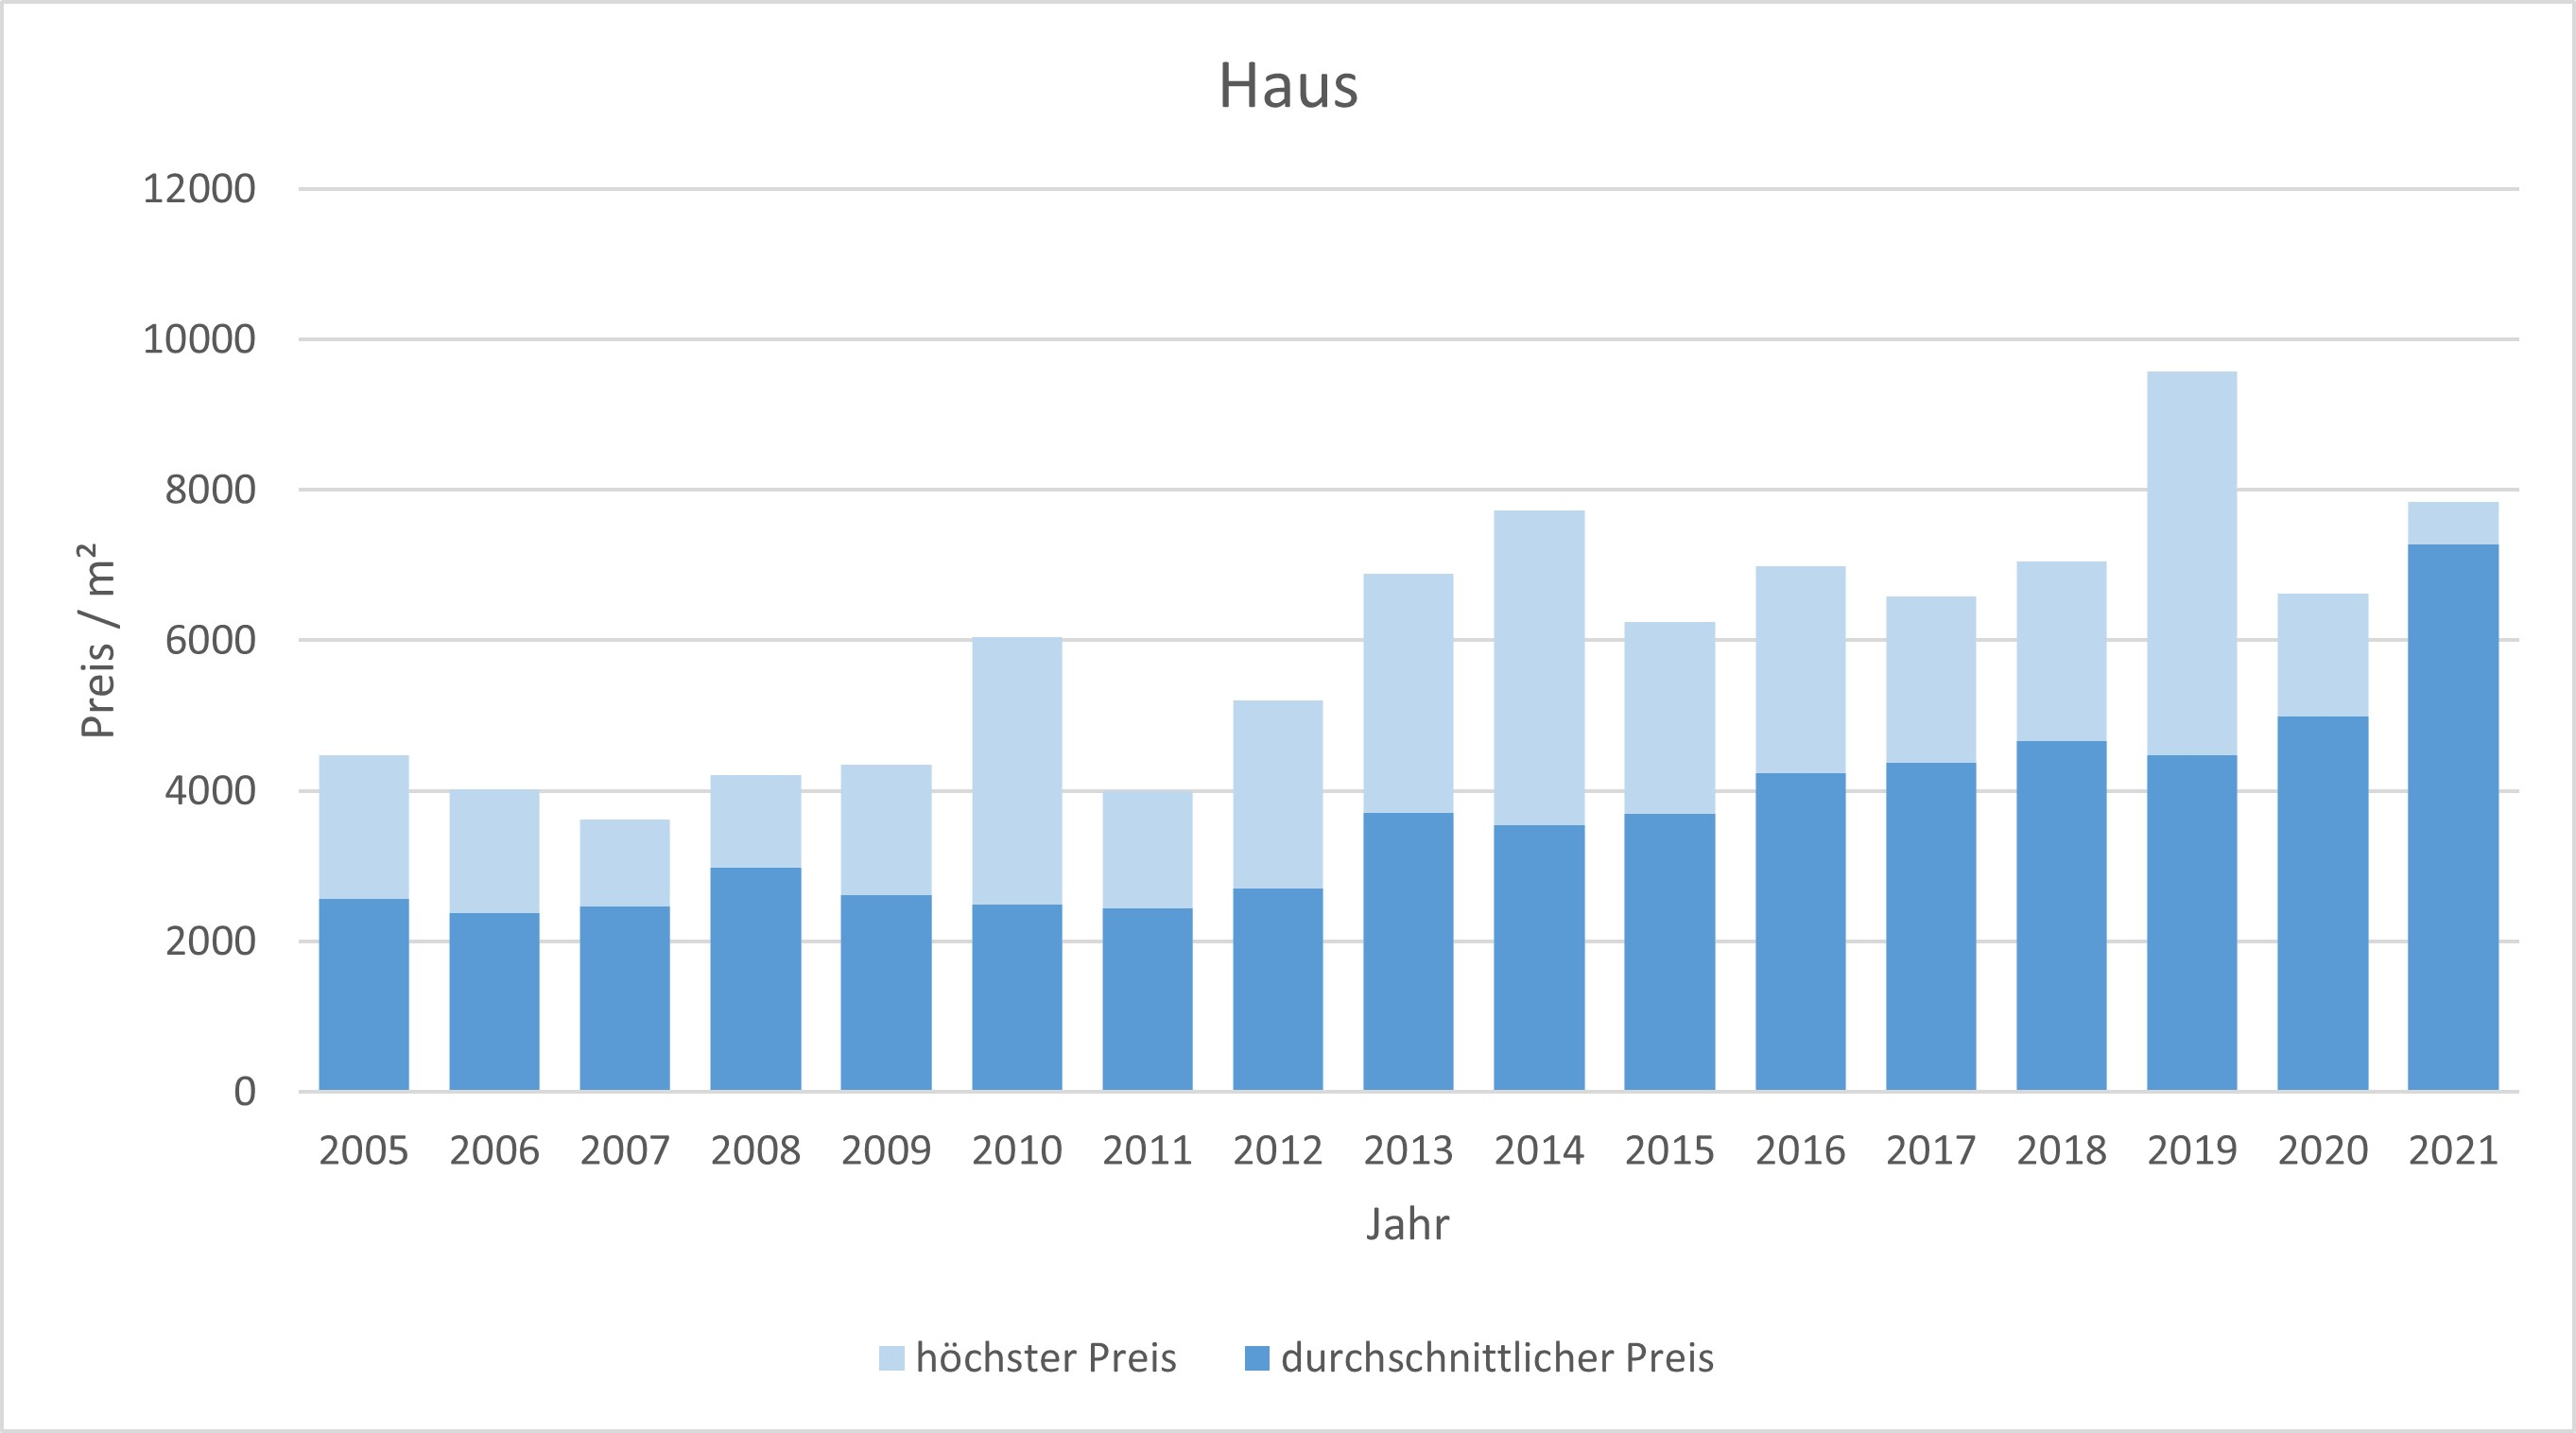 Glonn Haus kaufen verkaufen Preis Bewertung Makler www.happy-immo.de 2019 2020 2021